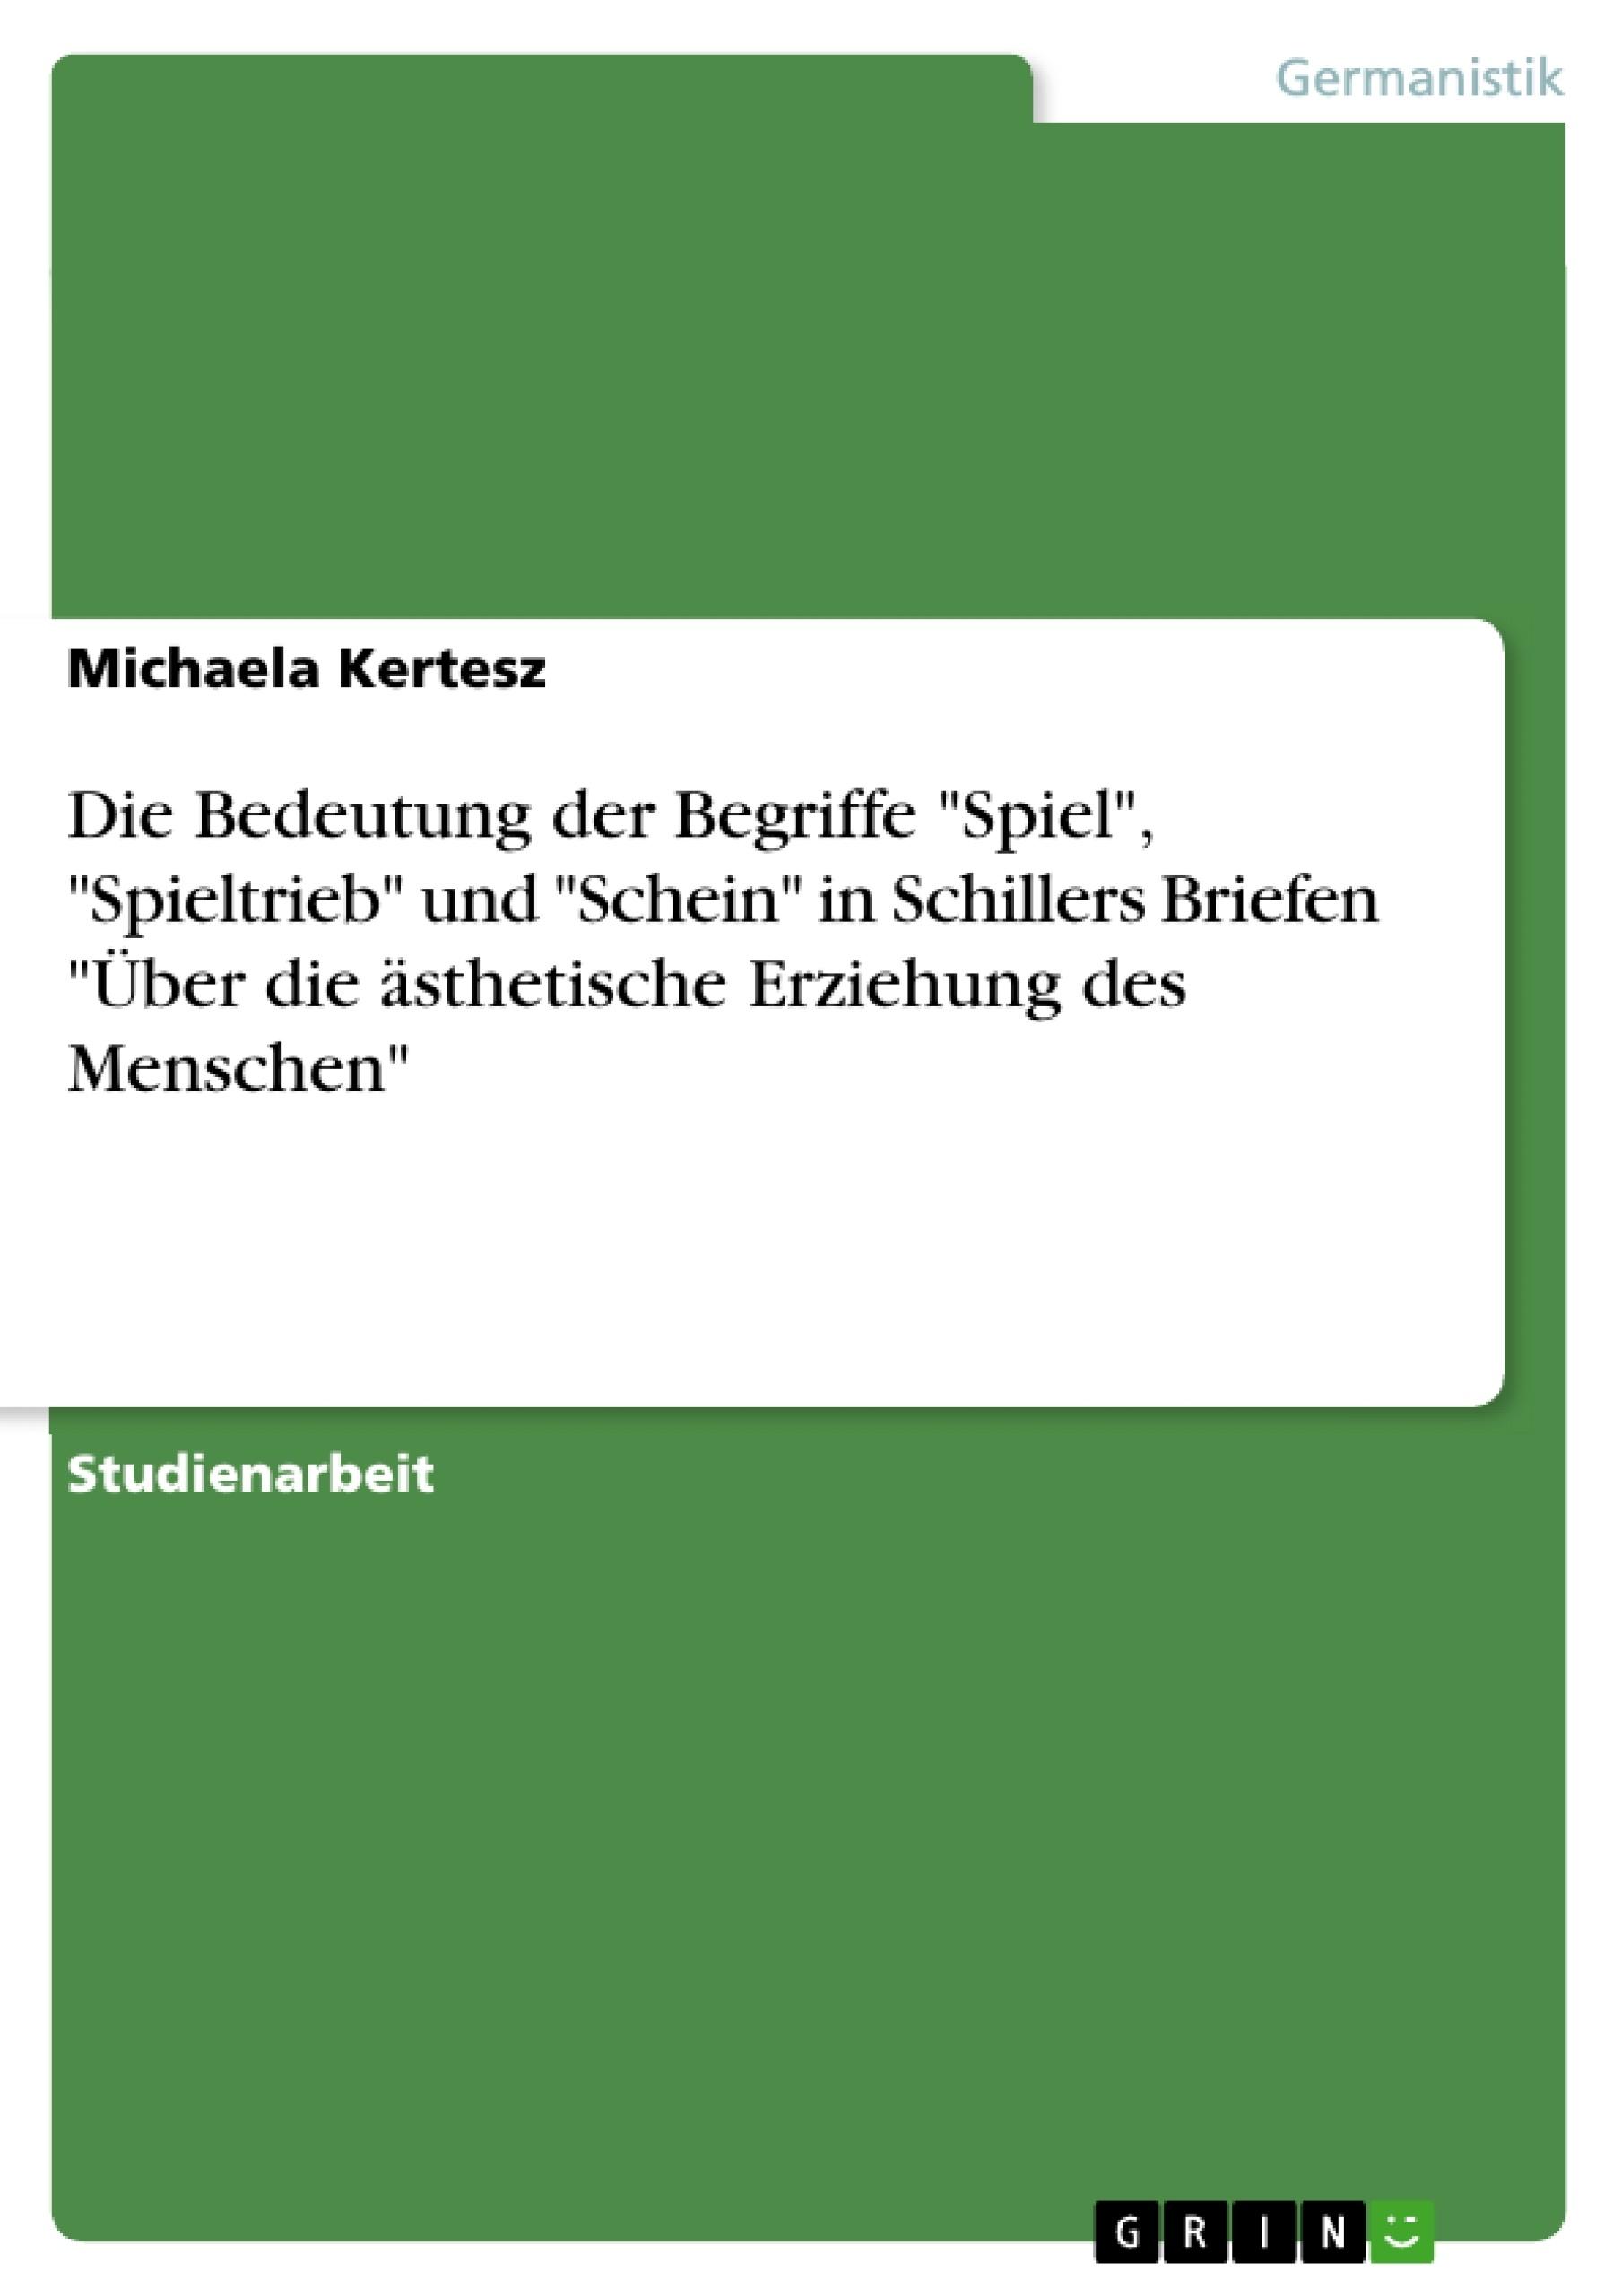 """Titel: Die Bedeutung der Begriffe """"Spiel"""", """"Spieltrieb"""" und """"Schein"""" in Schillers Briefen """"Über die ästhetische Erziehung des Menschen"""""""